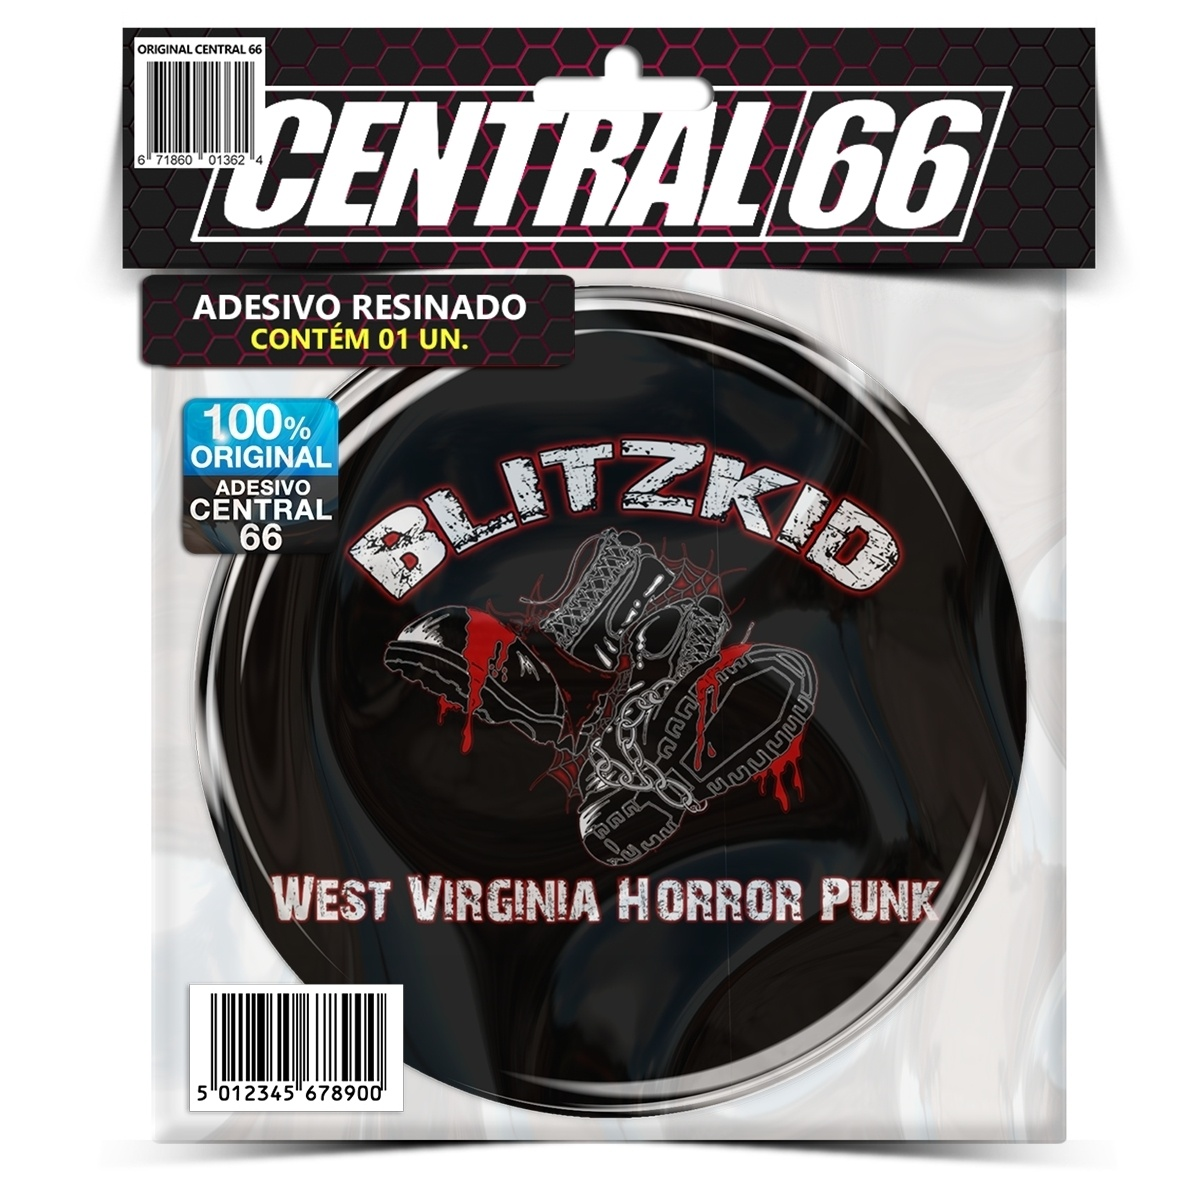 Adesivo Redondo Blitzkid Virginia Horror Punk – Central 66